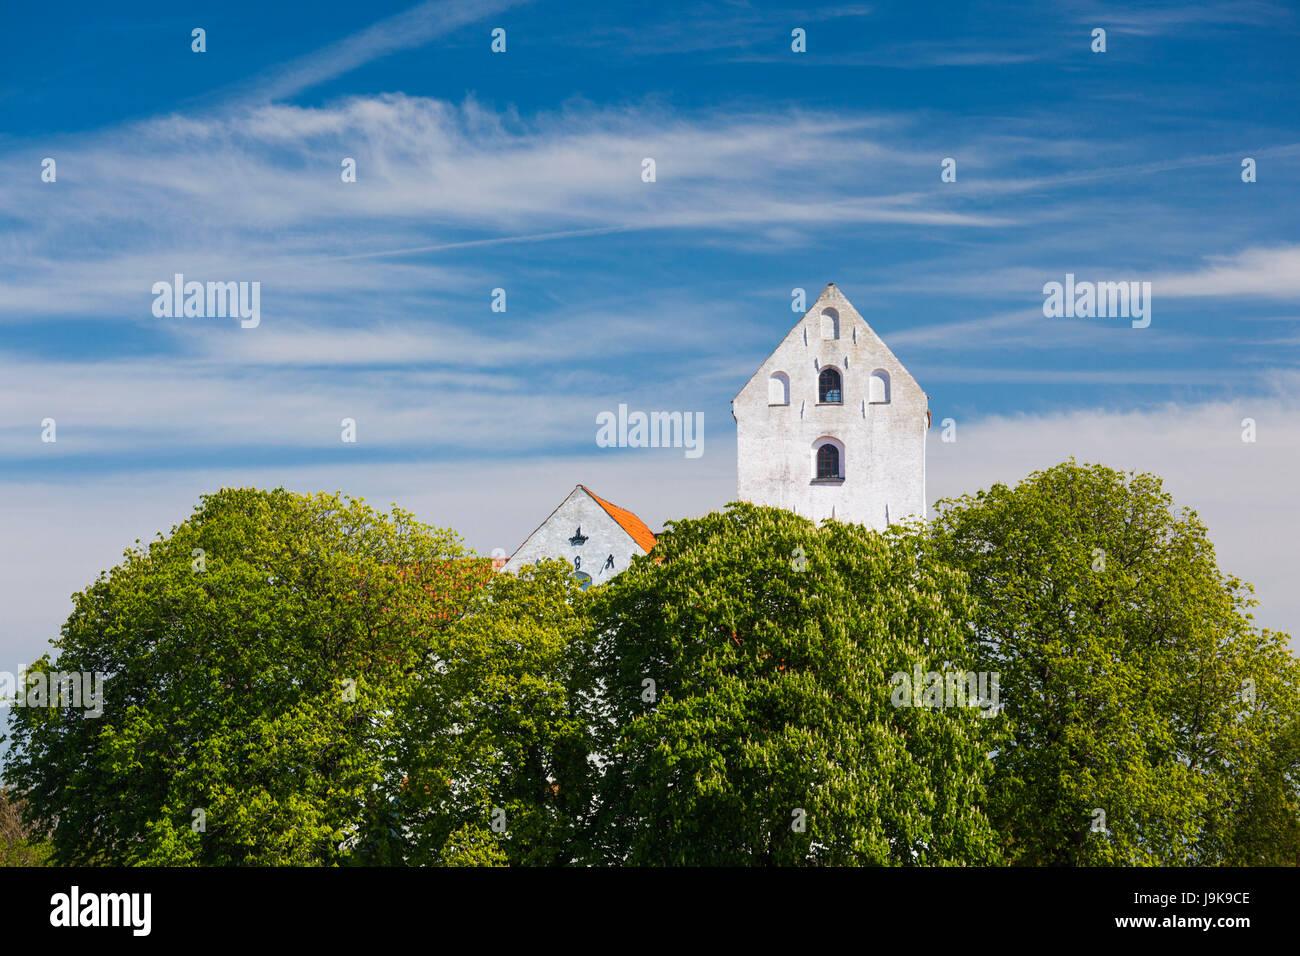 Danimarca, Langeland, umile, umile villaggio chiesa Immagini Stock